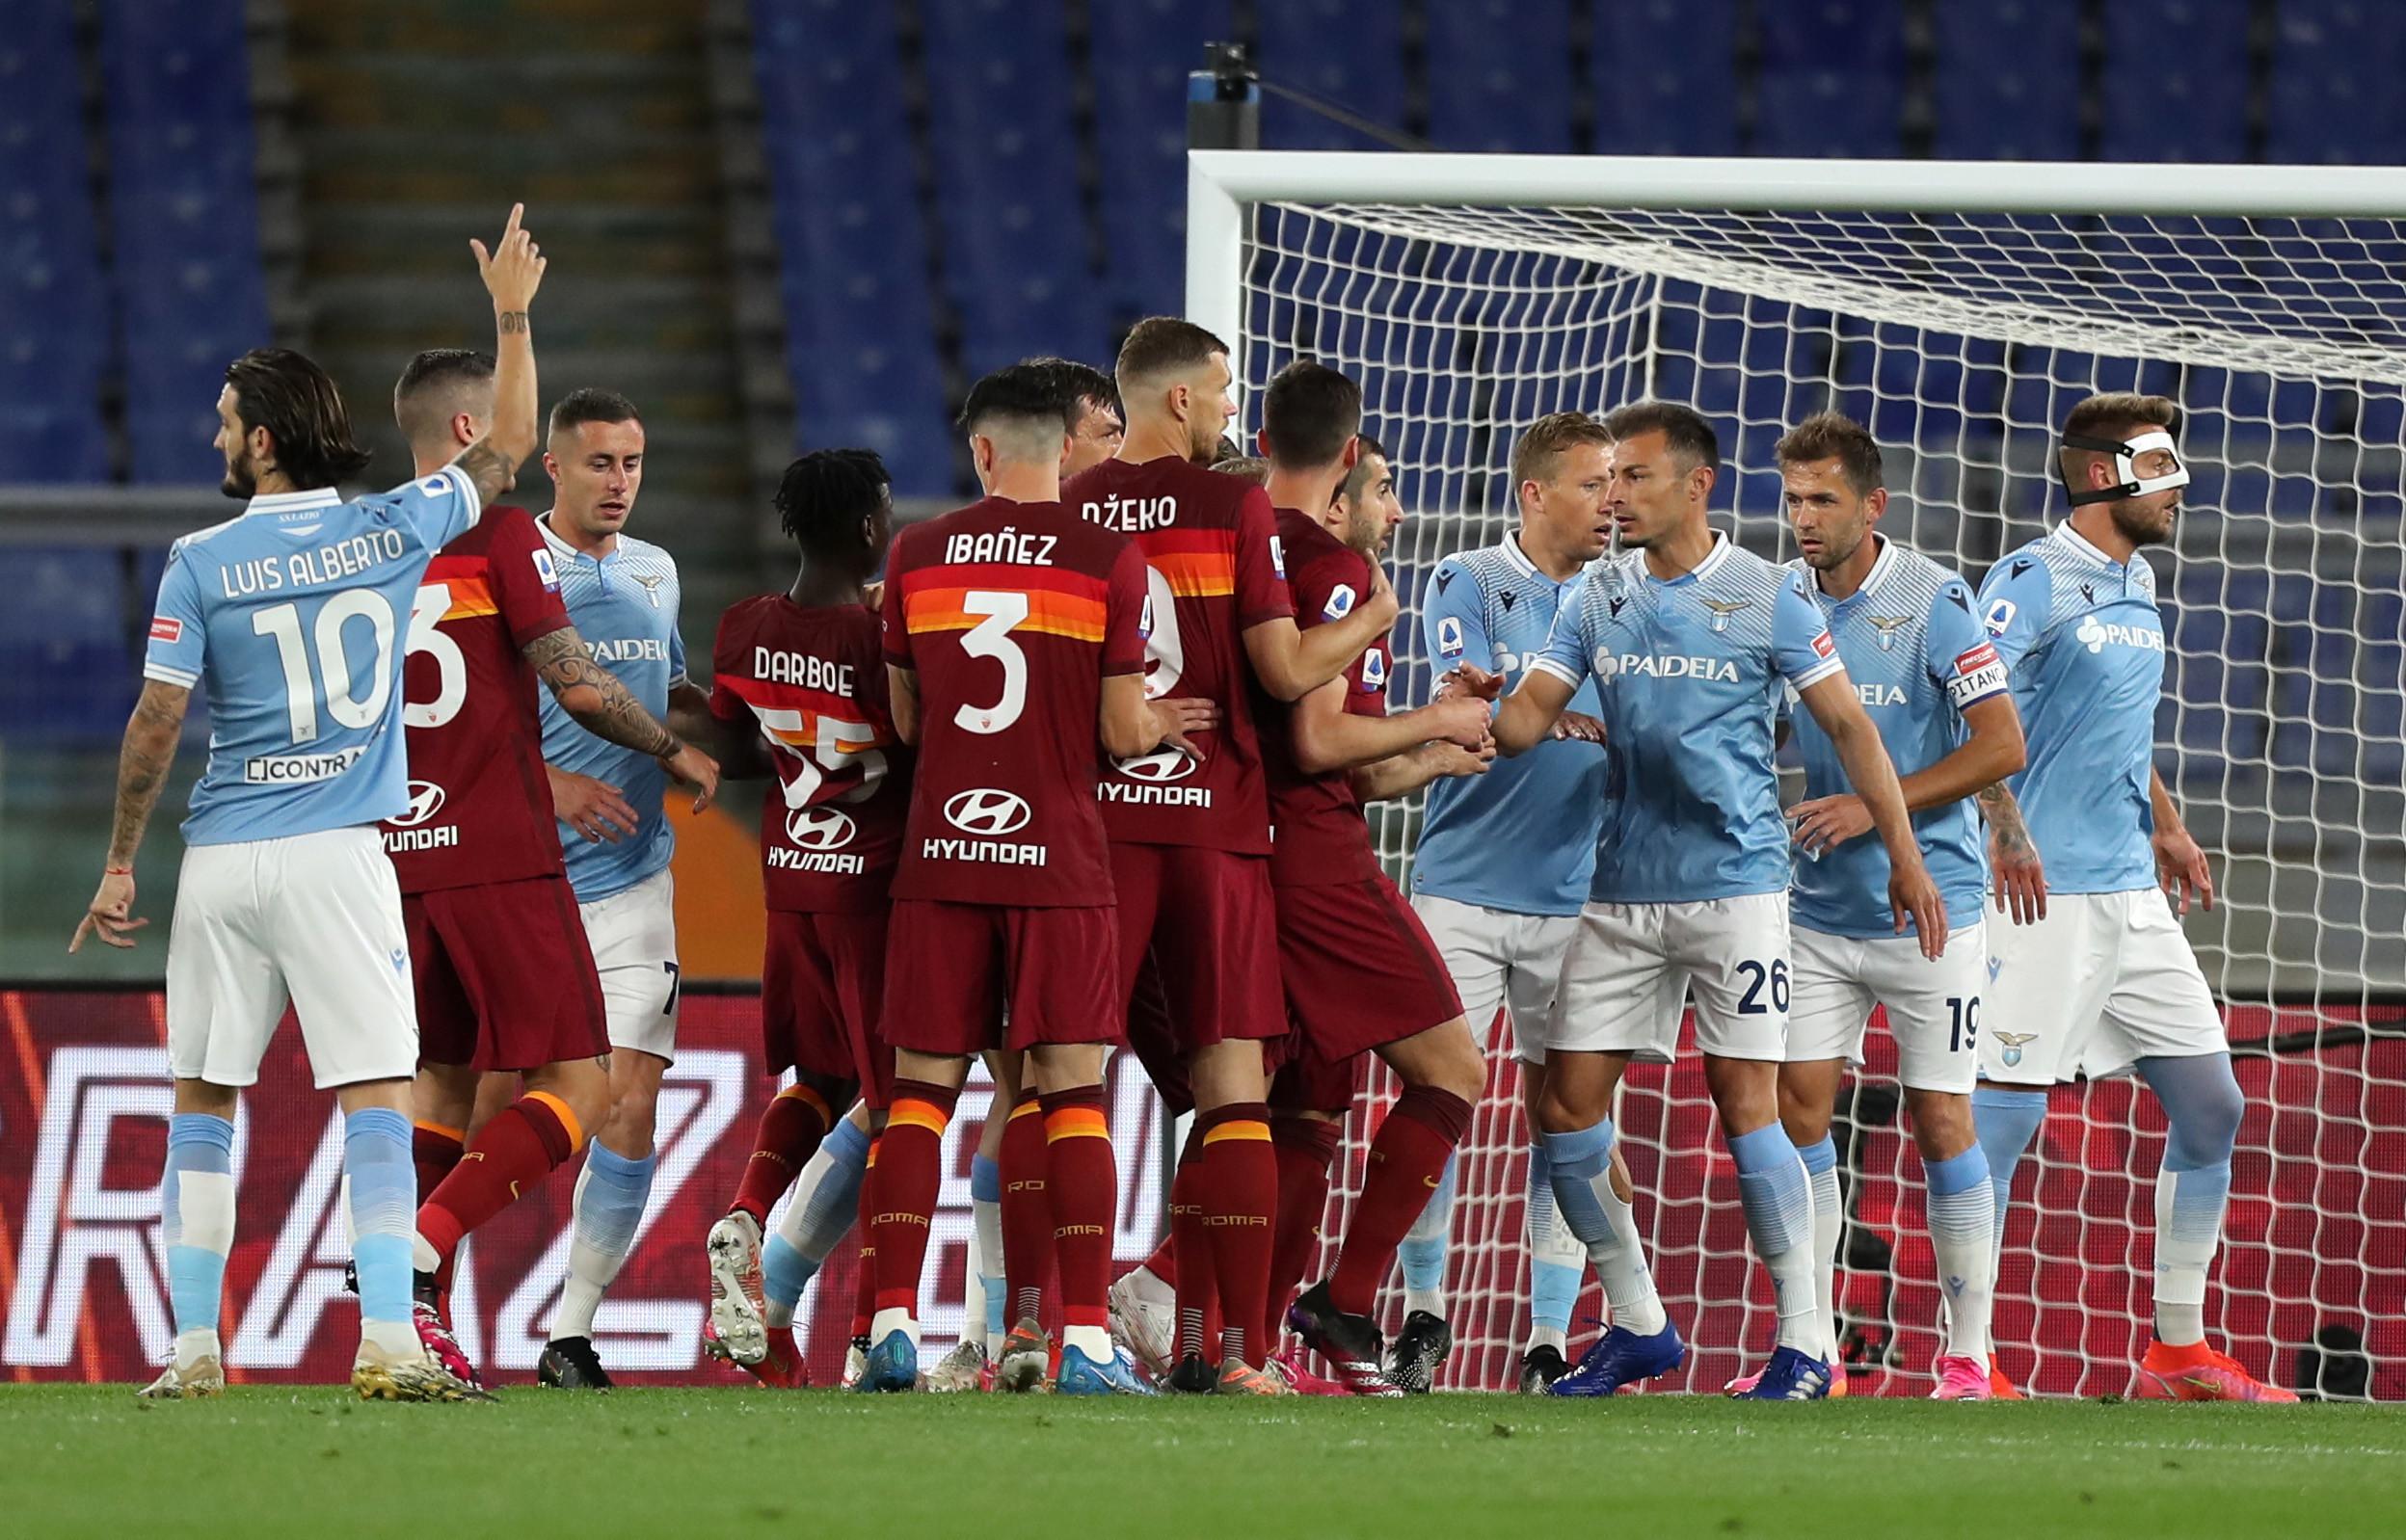 Le migliori foto del derby della Capitale Roma-Lazio 2-0.<br /><br />